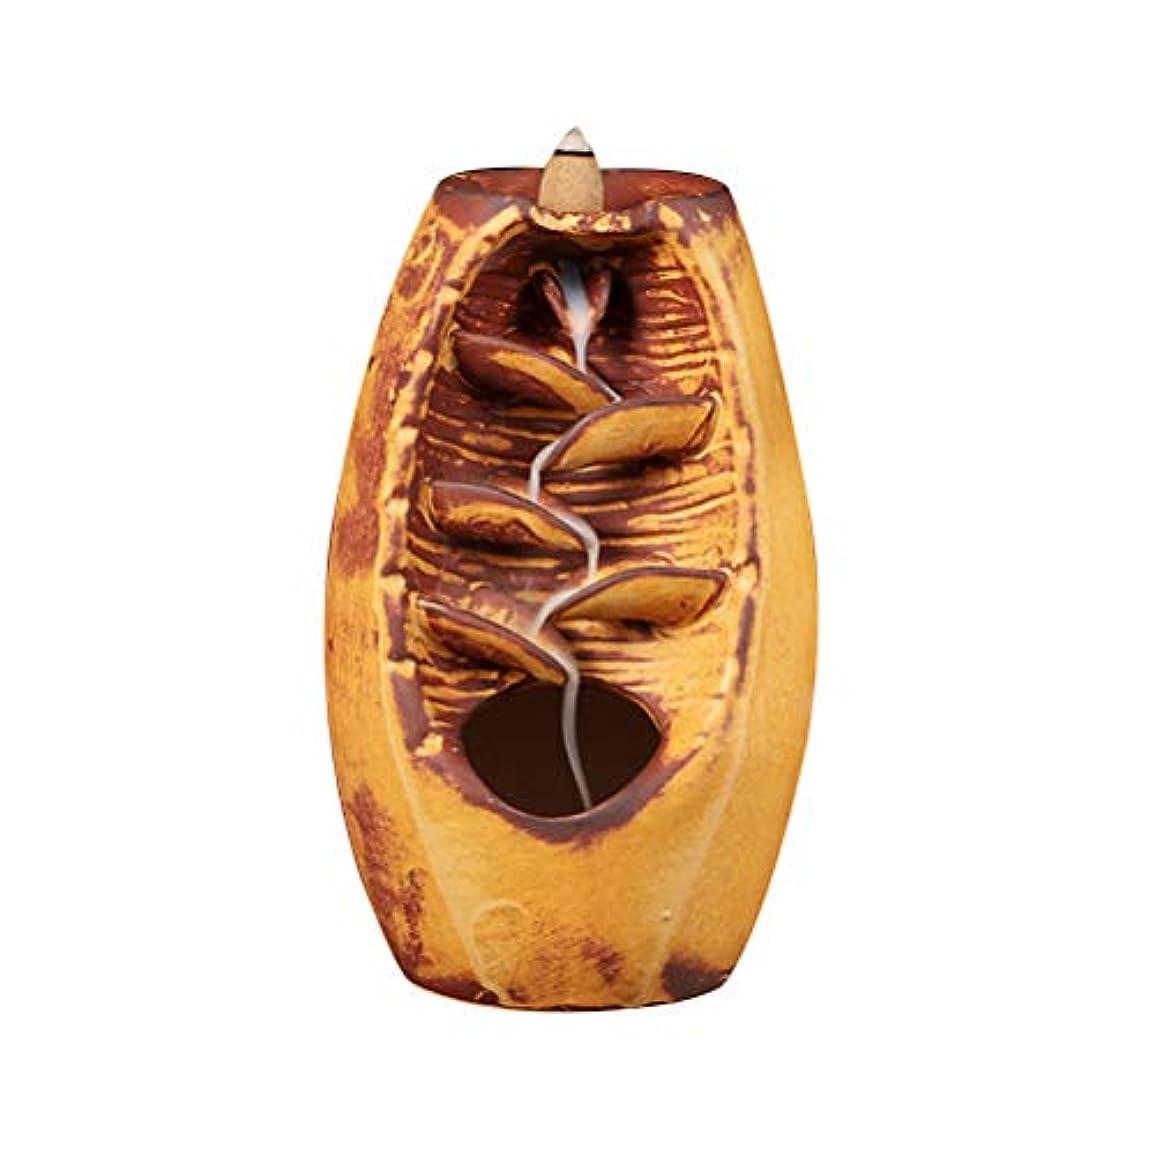 性的駐地報復するVosarea 逆流香バーナー滝香ホルダーアロマ飾り仏教用品(金)